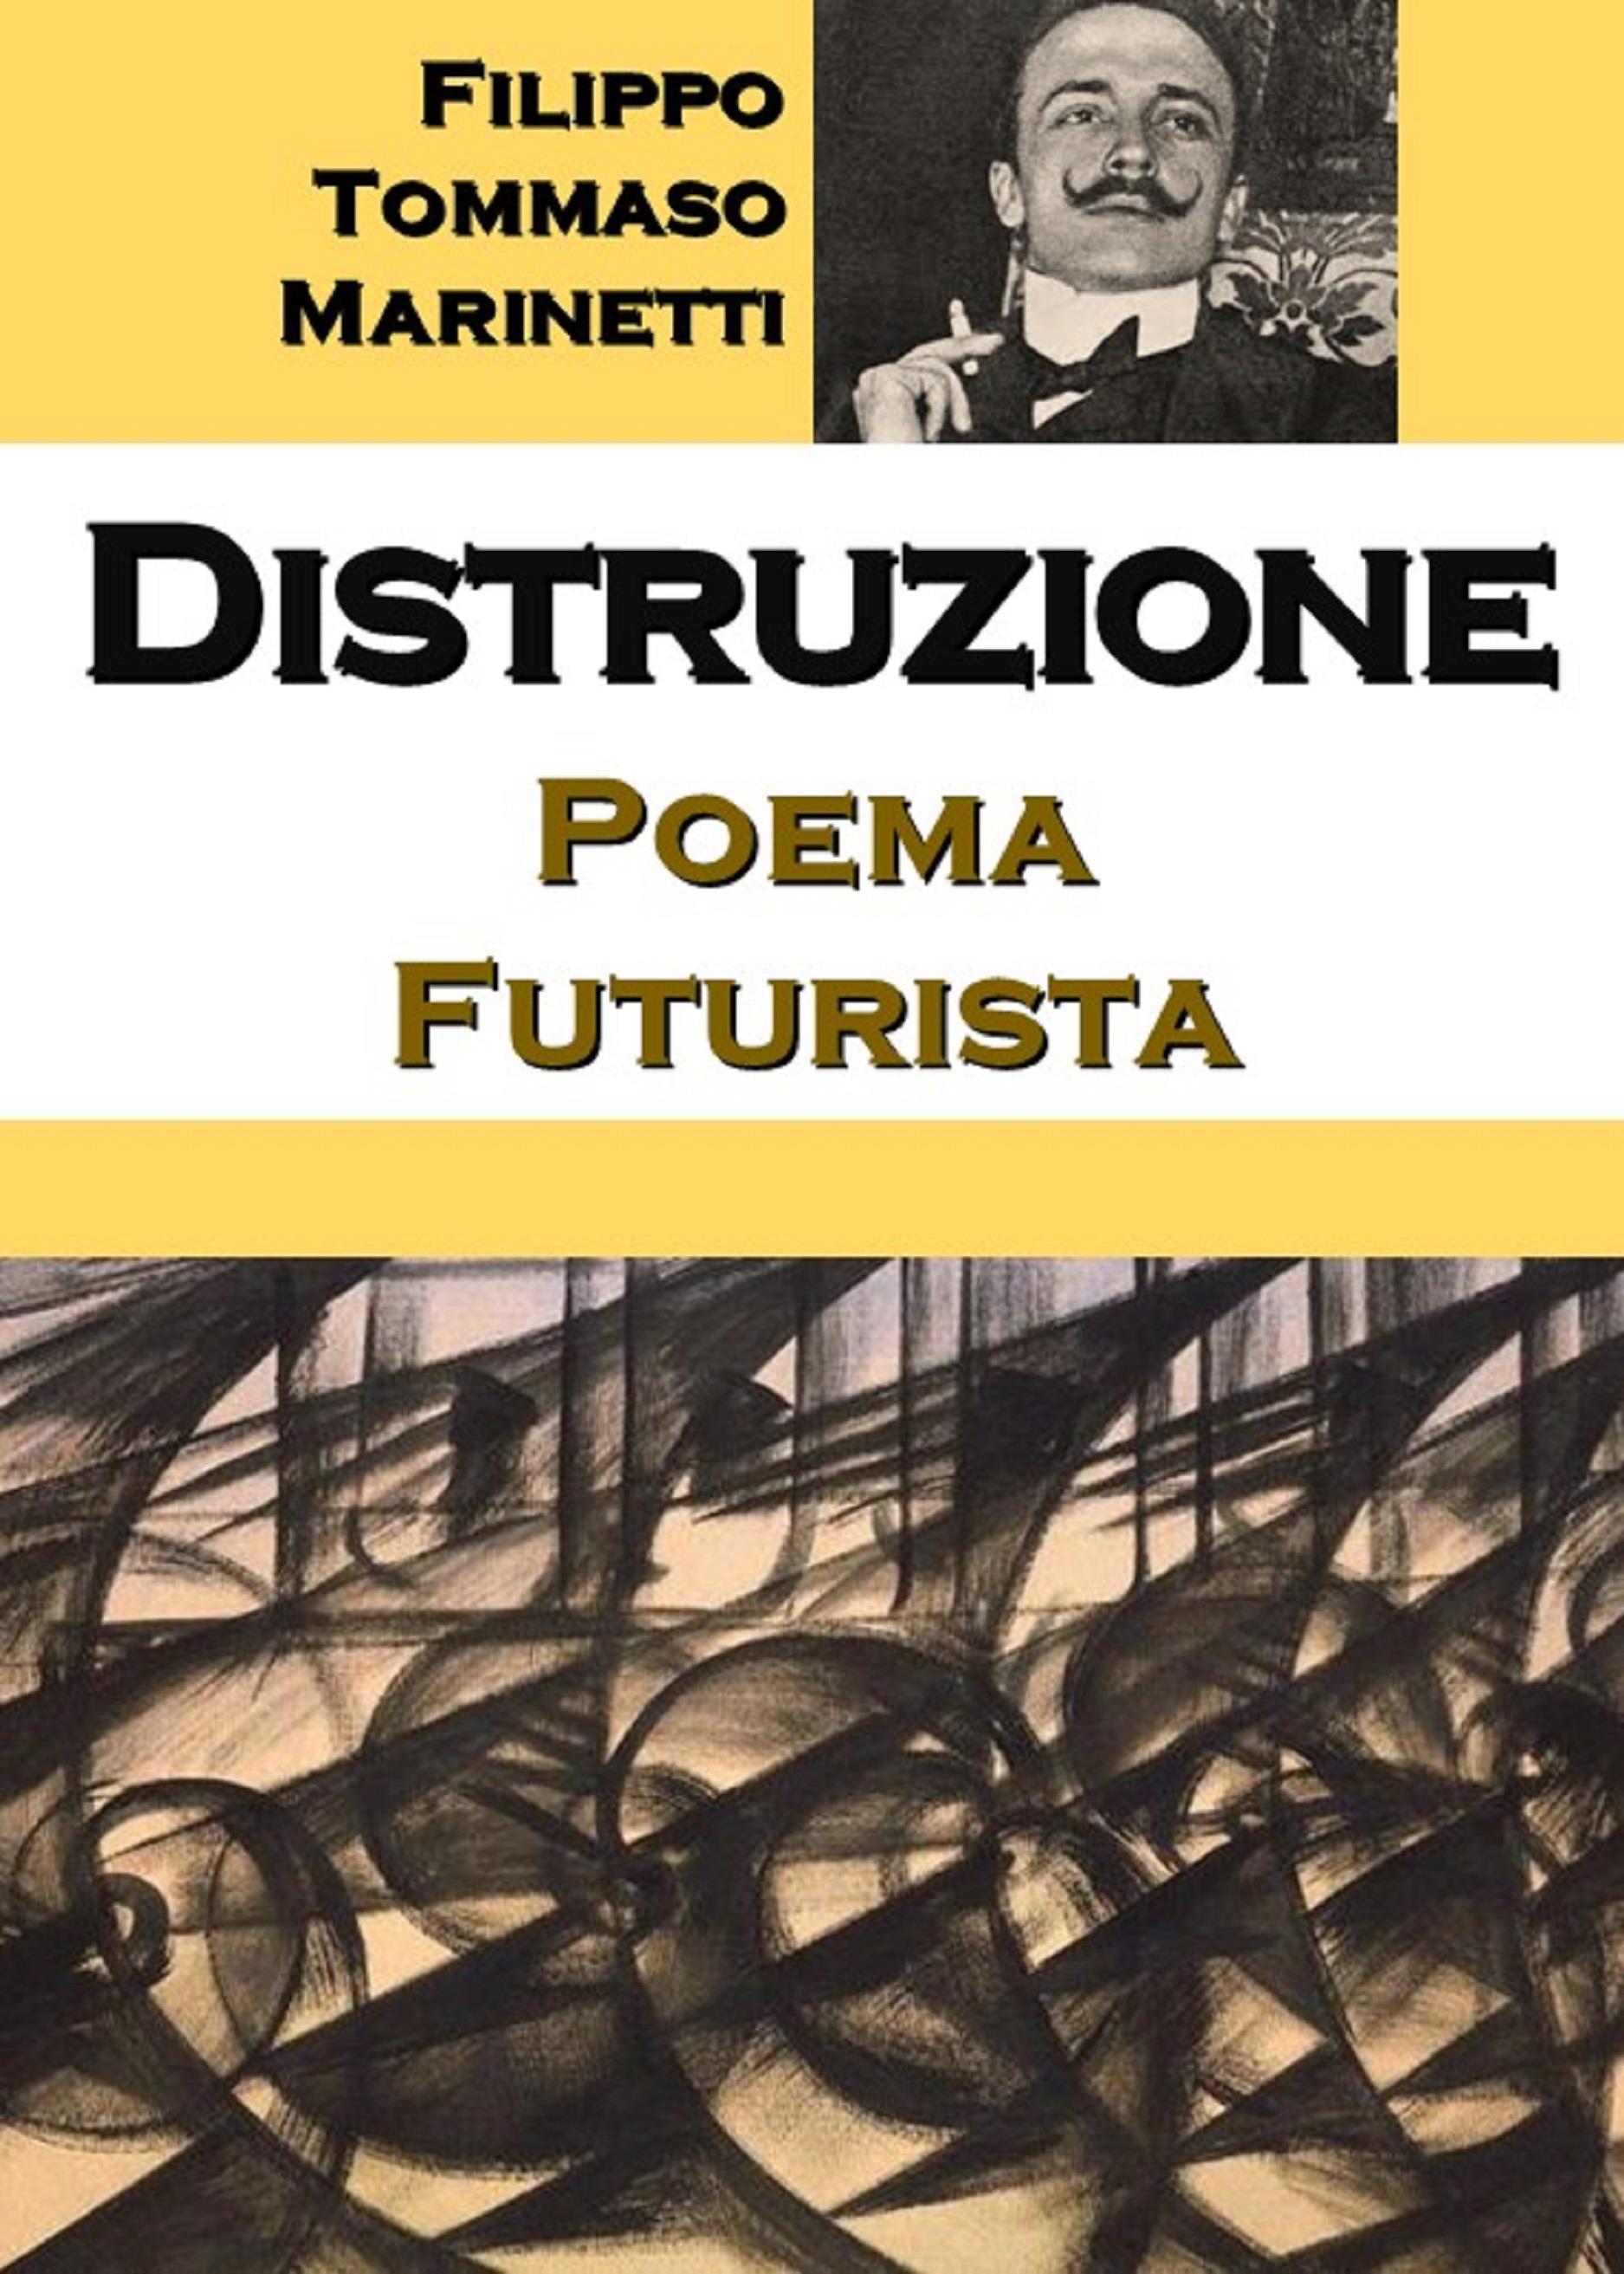 Distruzione: Poema Futurista